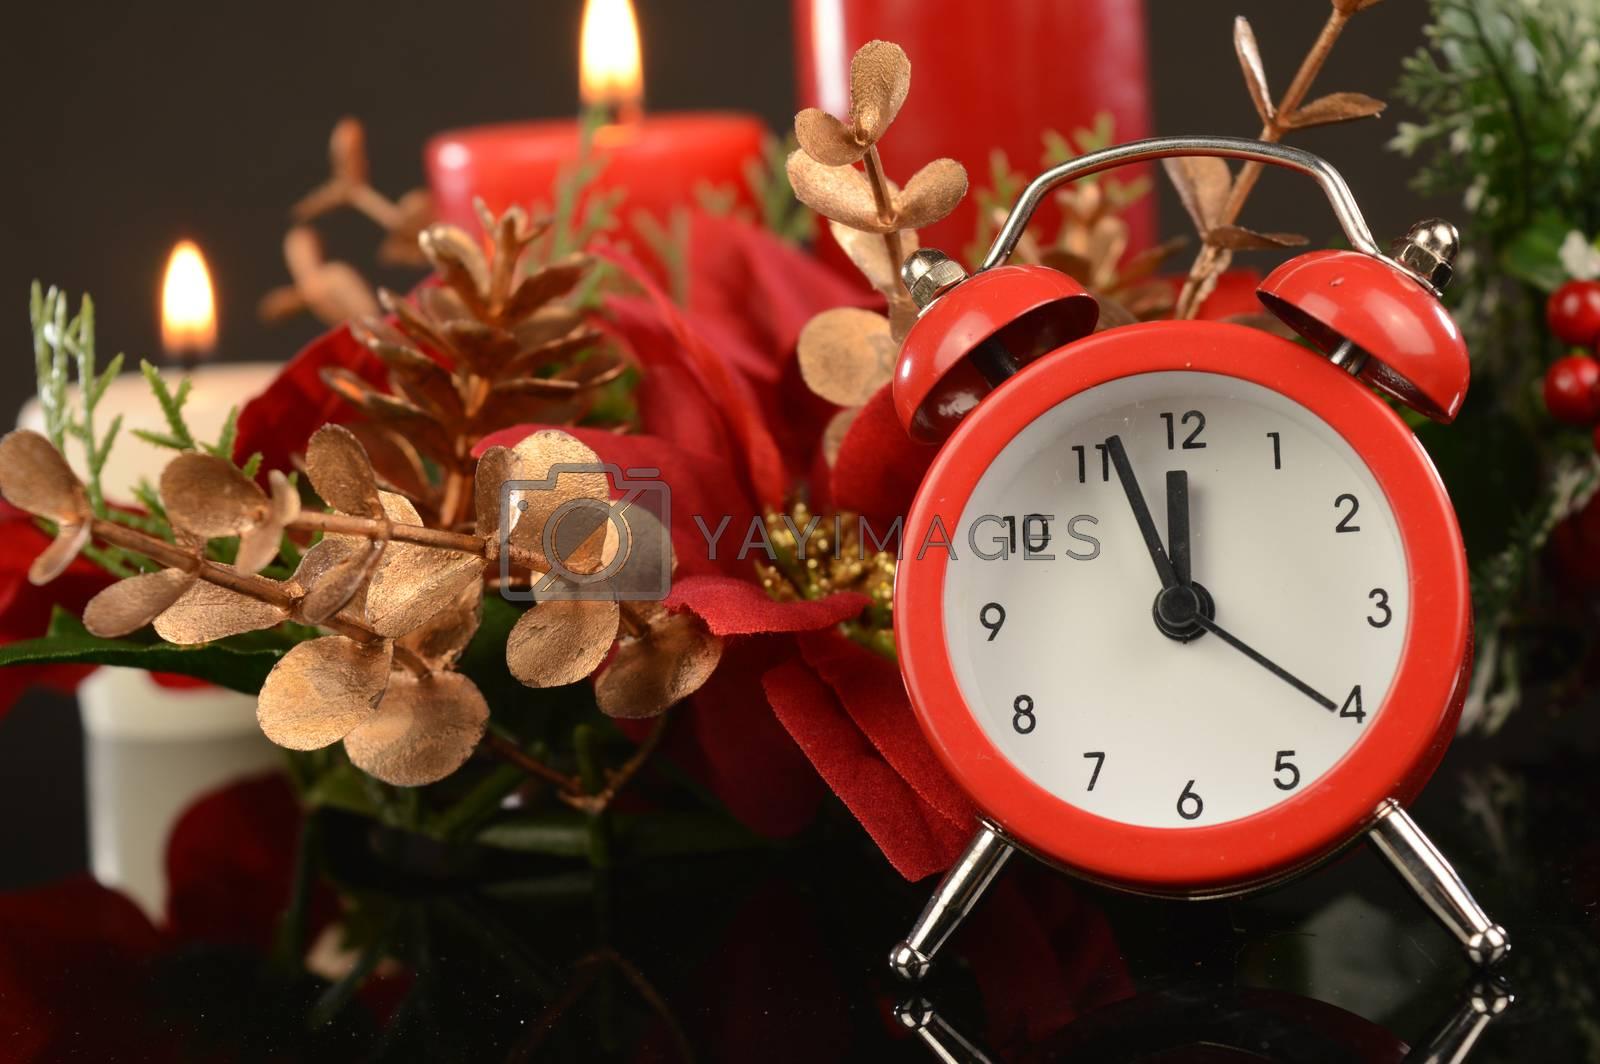 A festive scene with an alarm clock for the Christmas season.